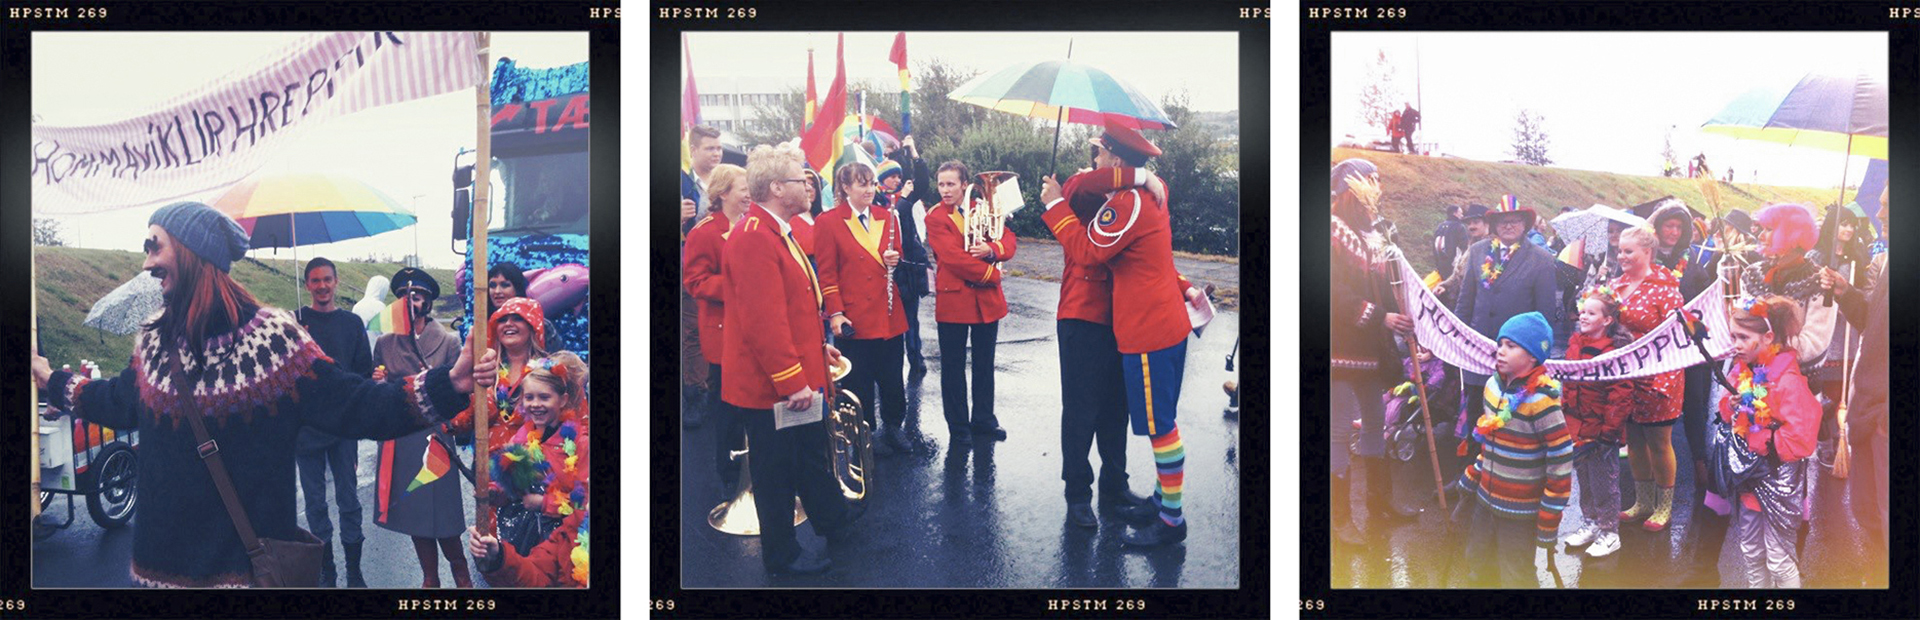 北の国のハッピーなプライドパレード